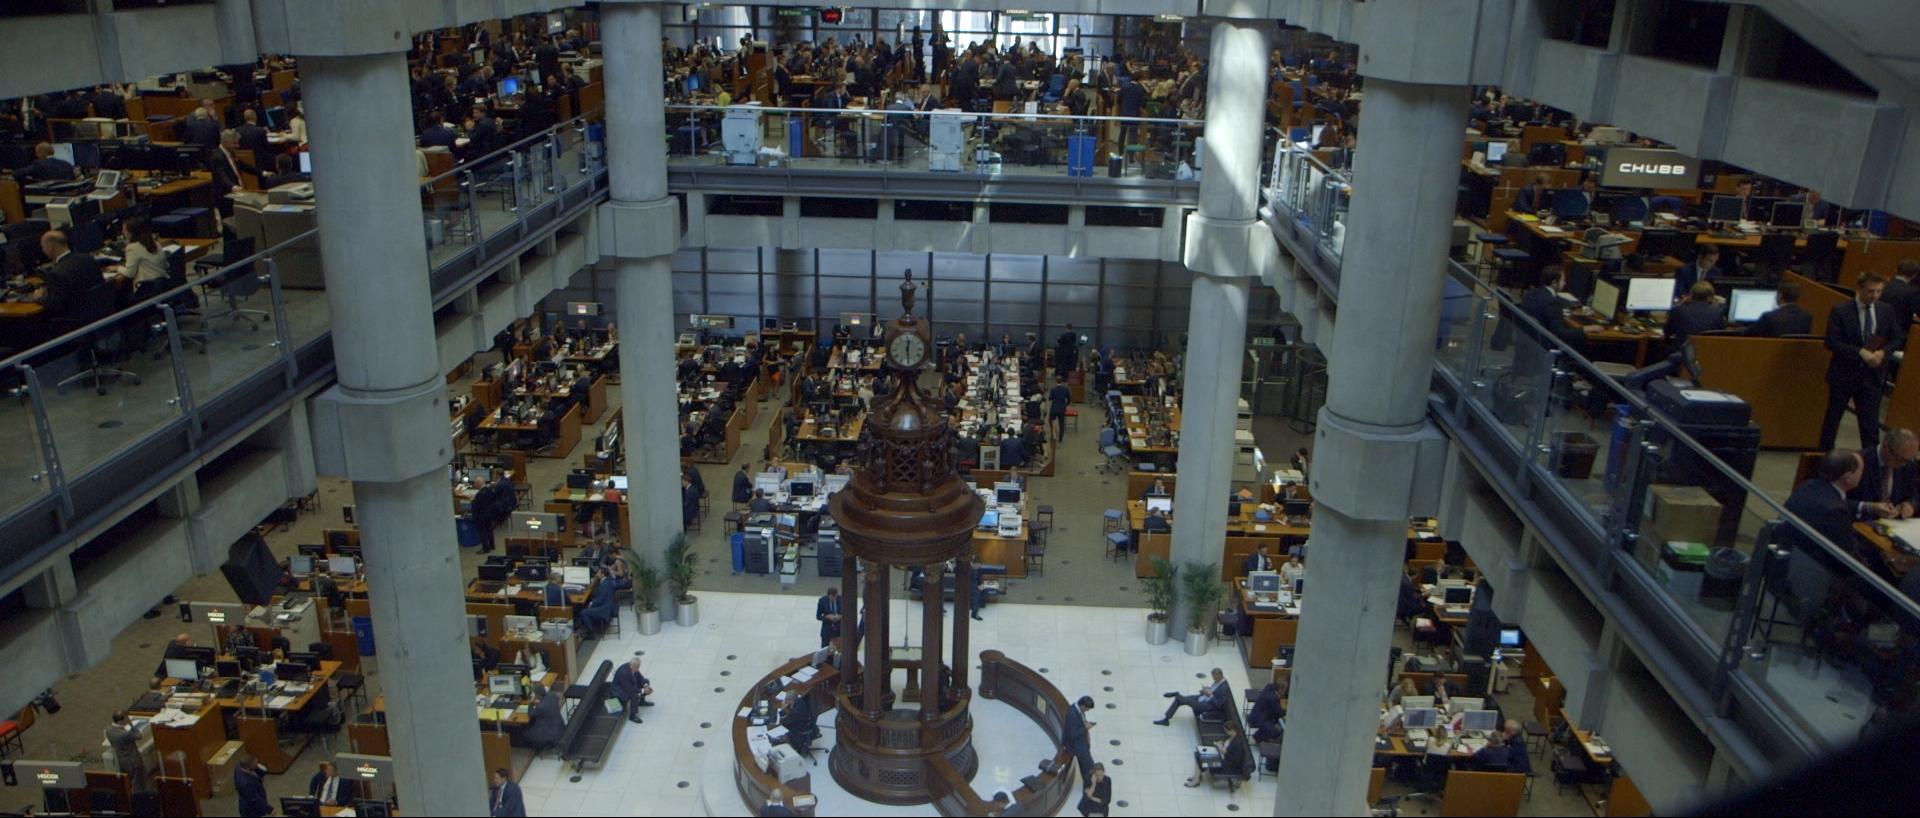 LA RANçON 09 - Lloyd's, Londres, haut lieu de courtage des compagnies d'assurance -(c) Little Big Story